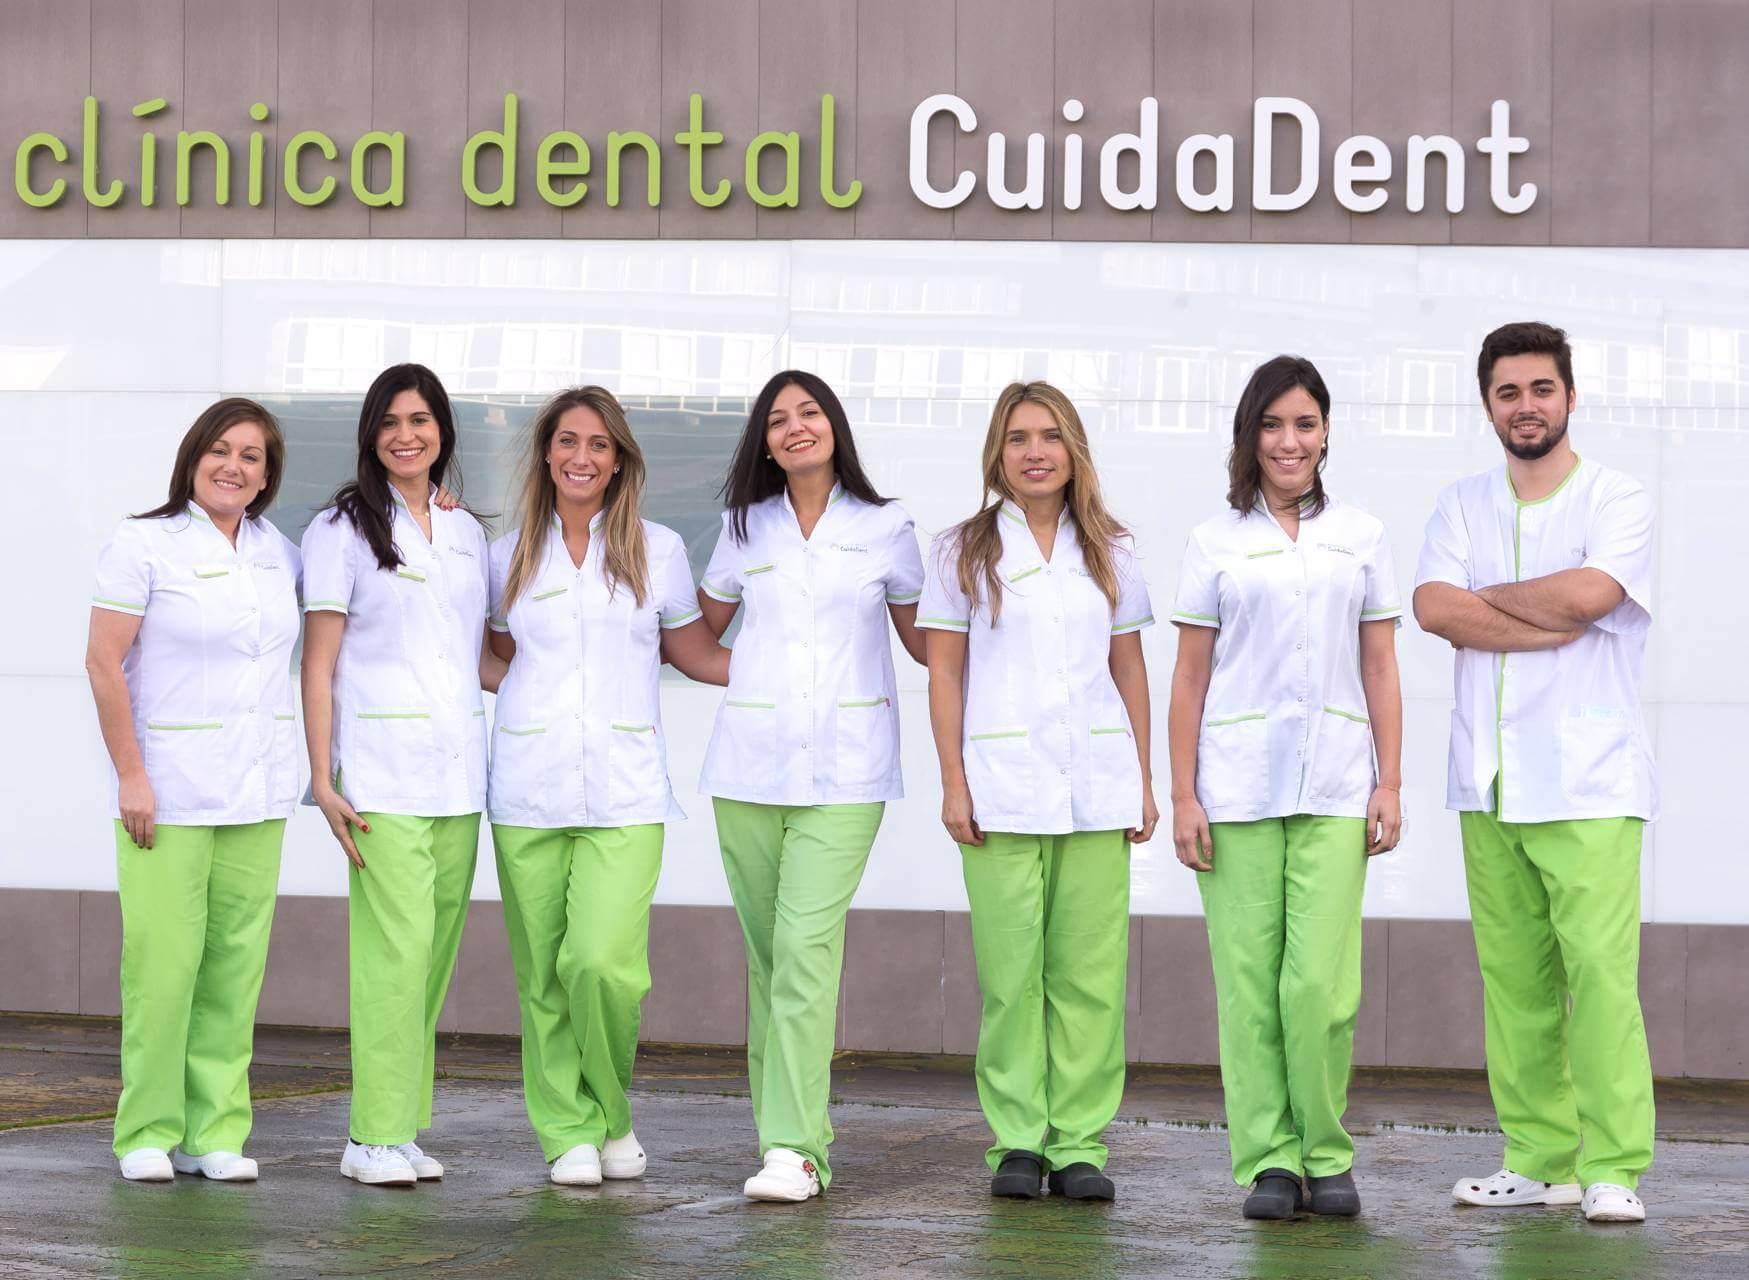 Dentistas en Culleredo, A Coruña - Clínica Dental Cuidadent